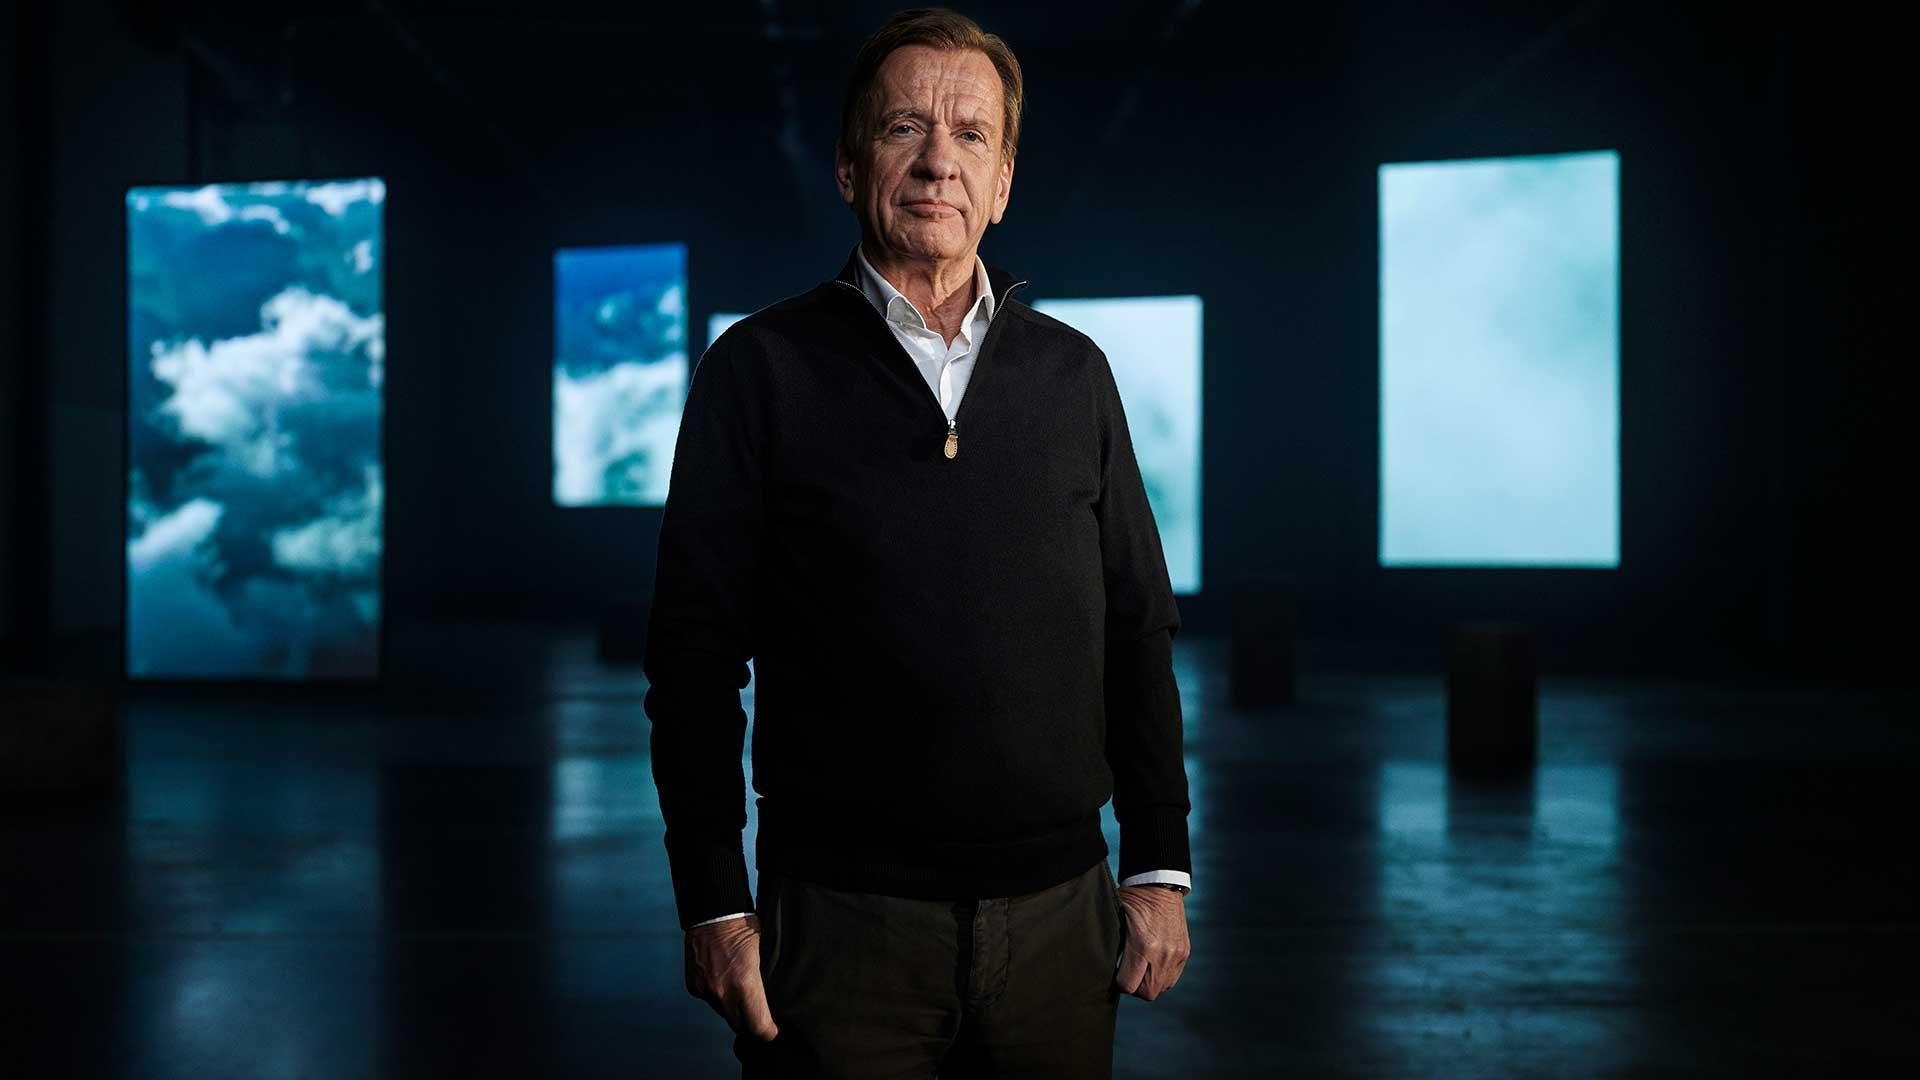 Image d'illustration du film événement de Volvo Cars sur le développement durable.